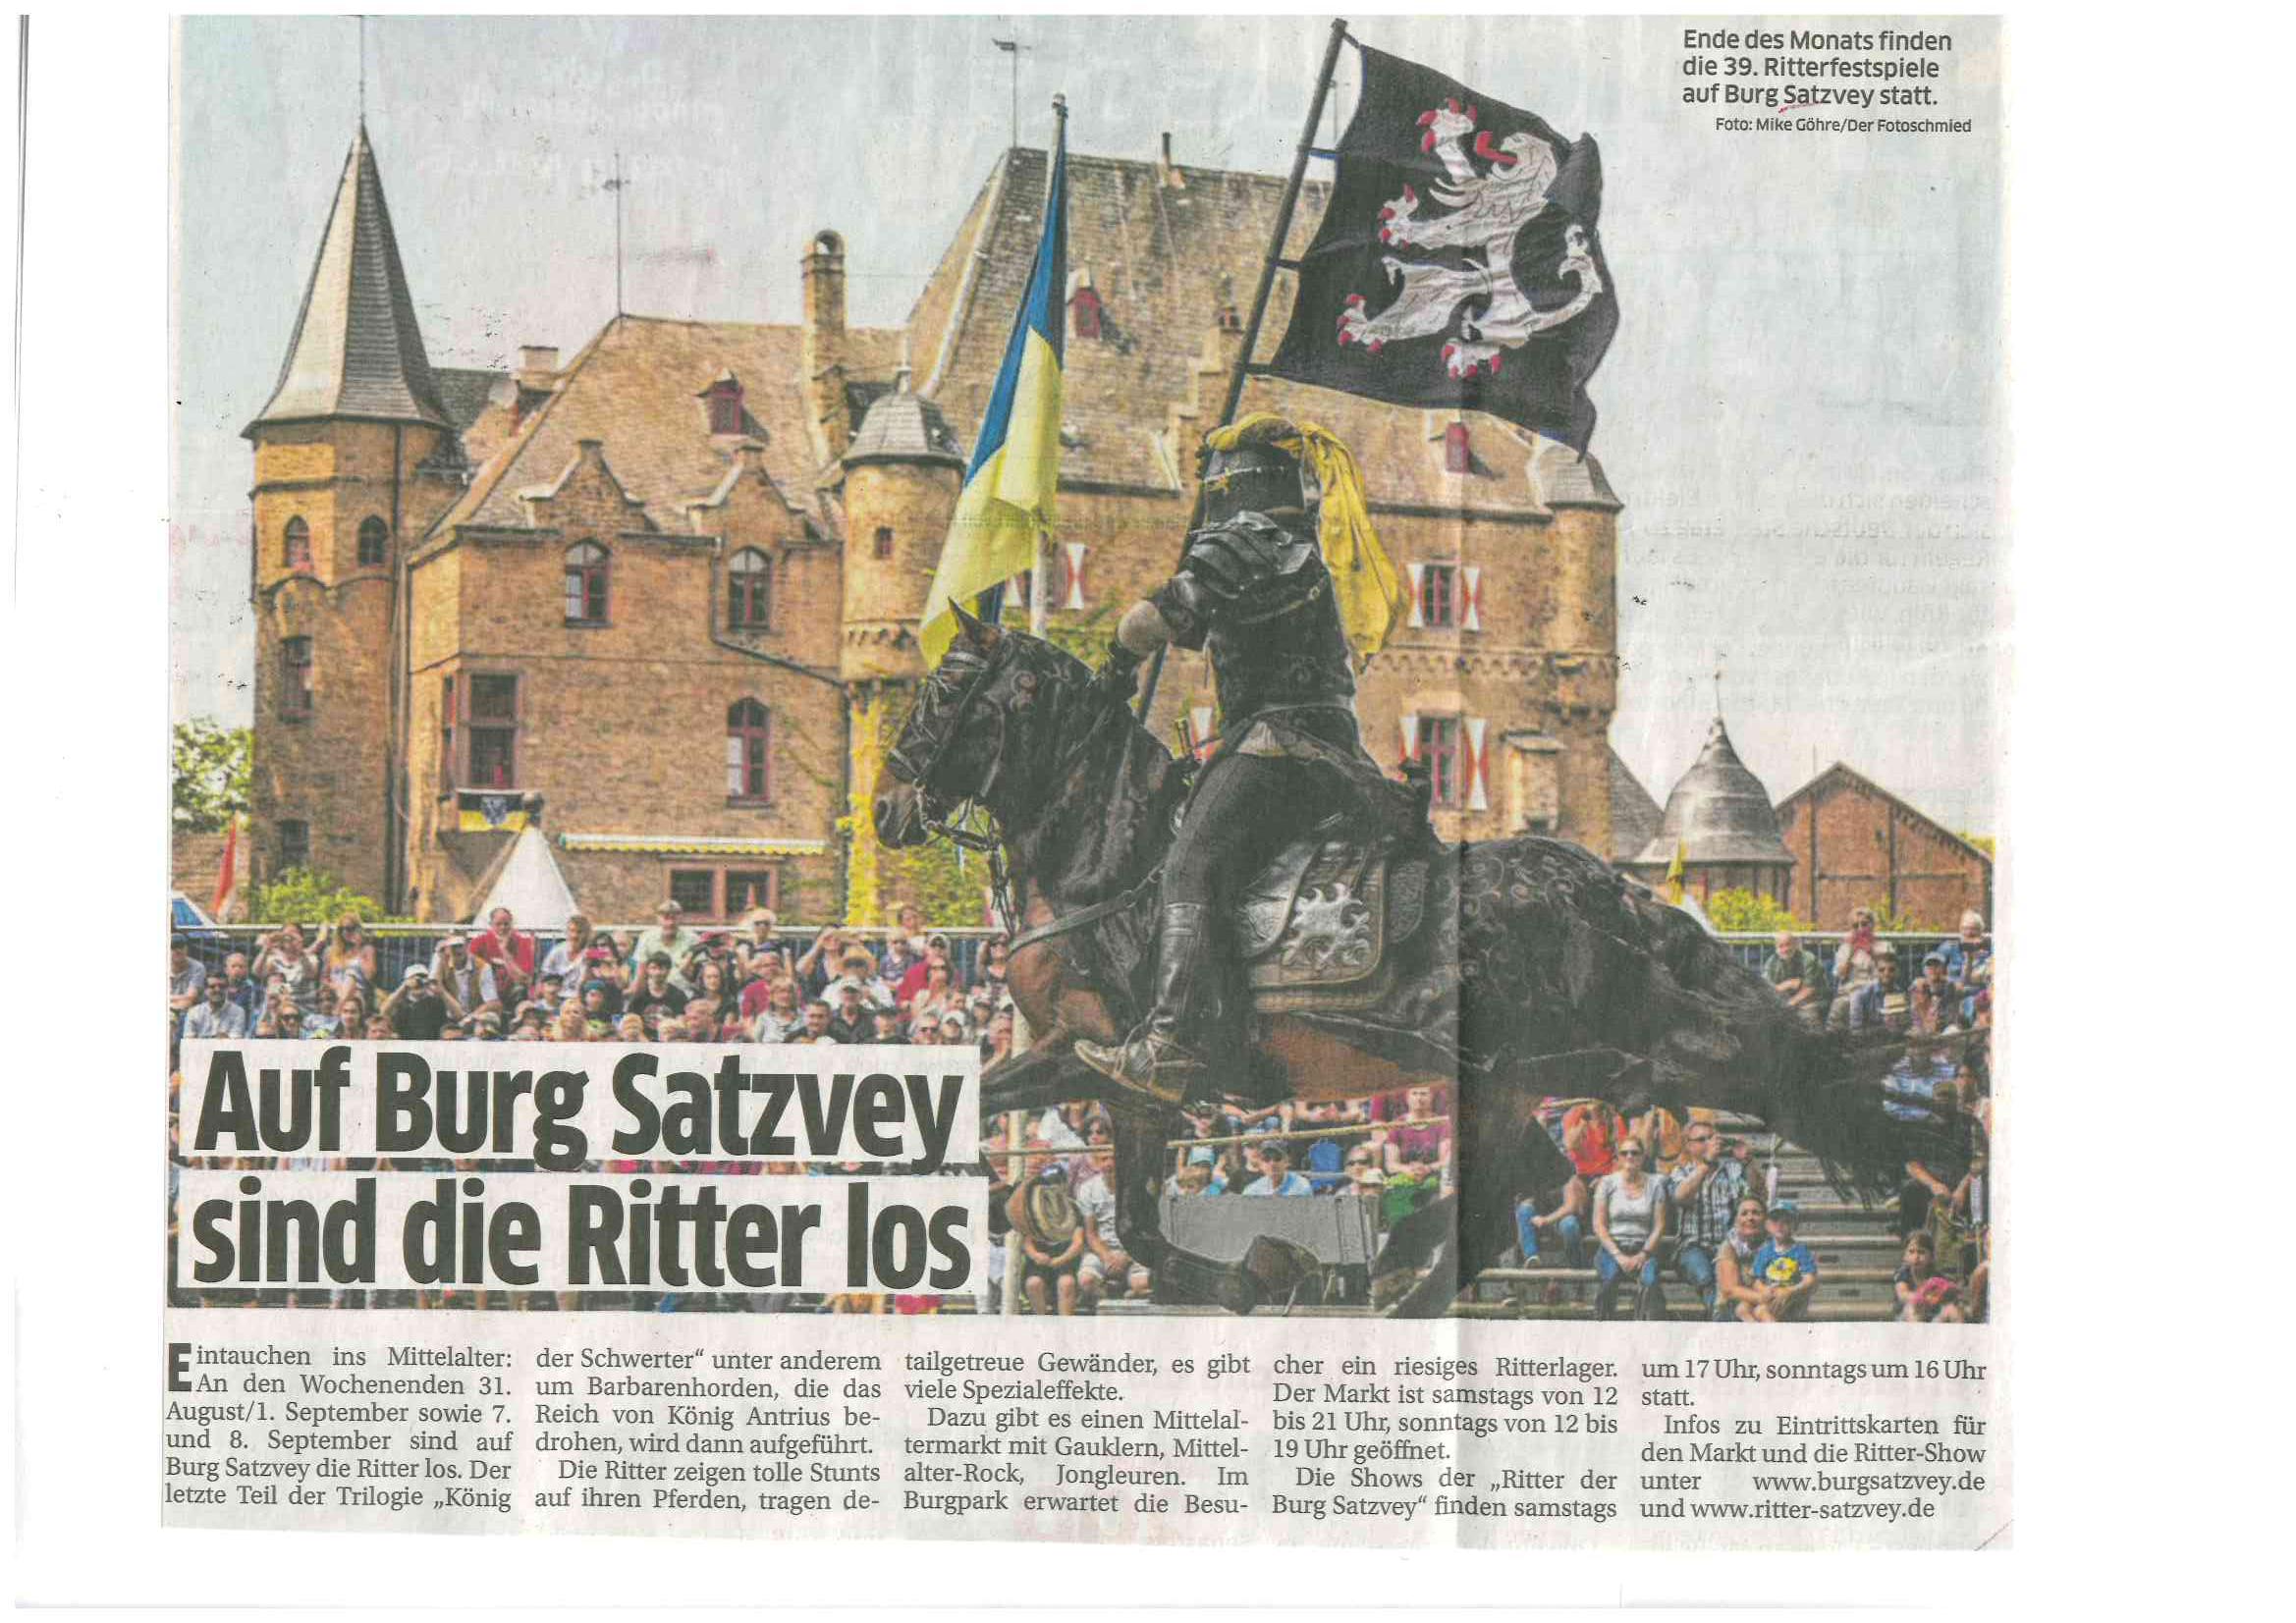 Pressearbeit für Burg Satzvey Ritterspiele von PRTB Köln